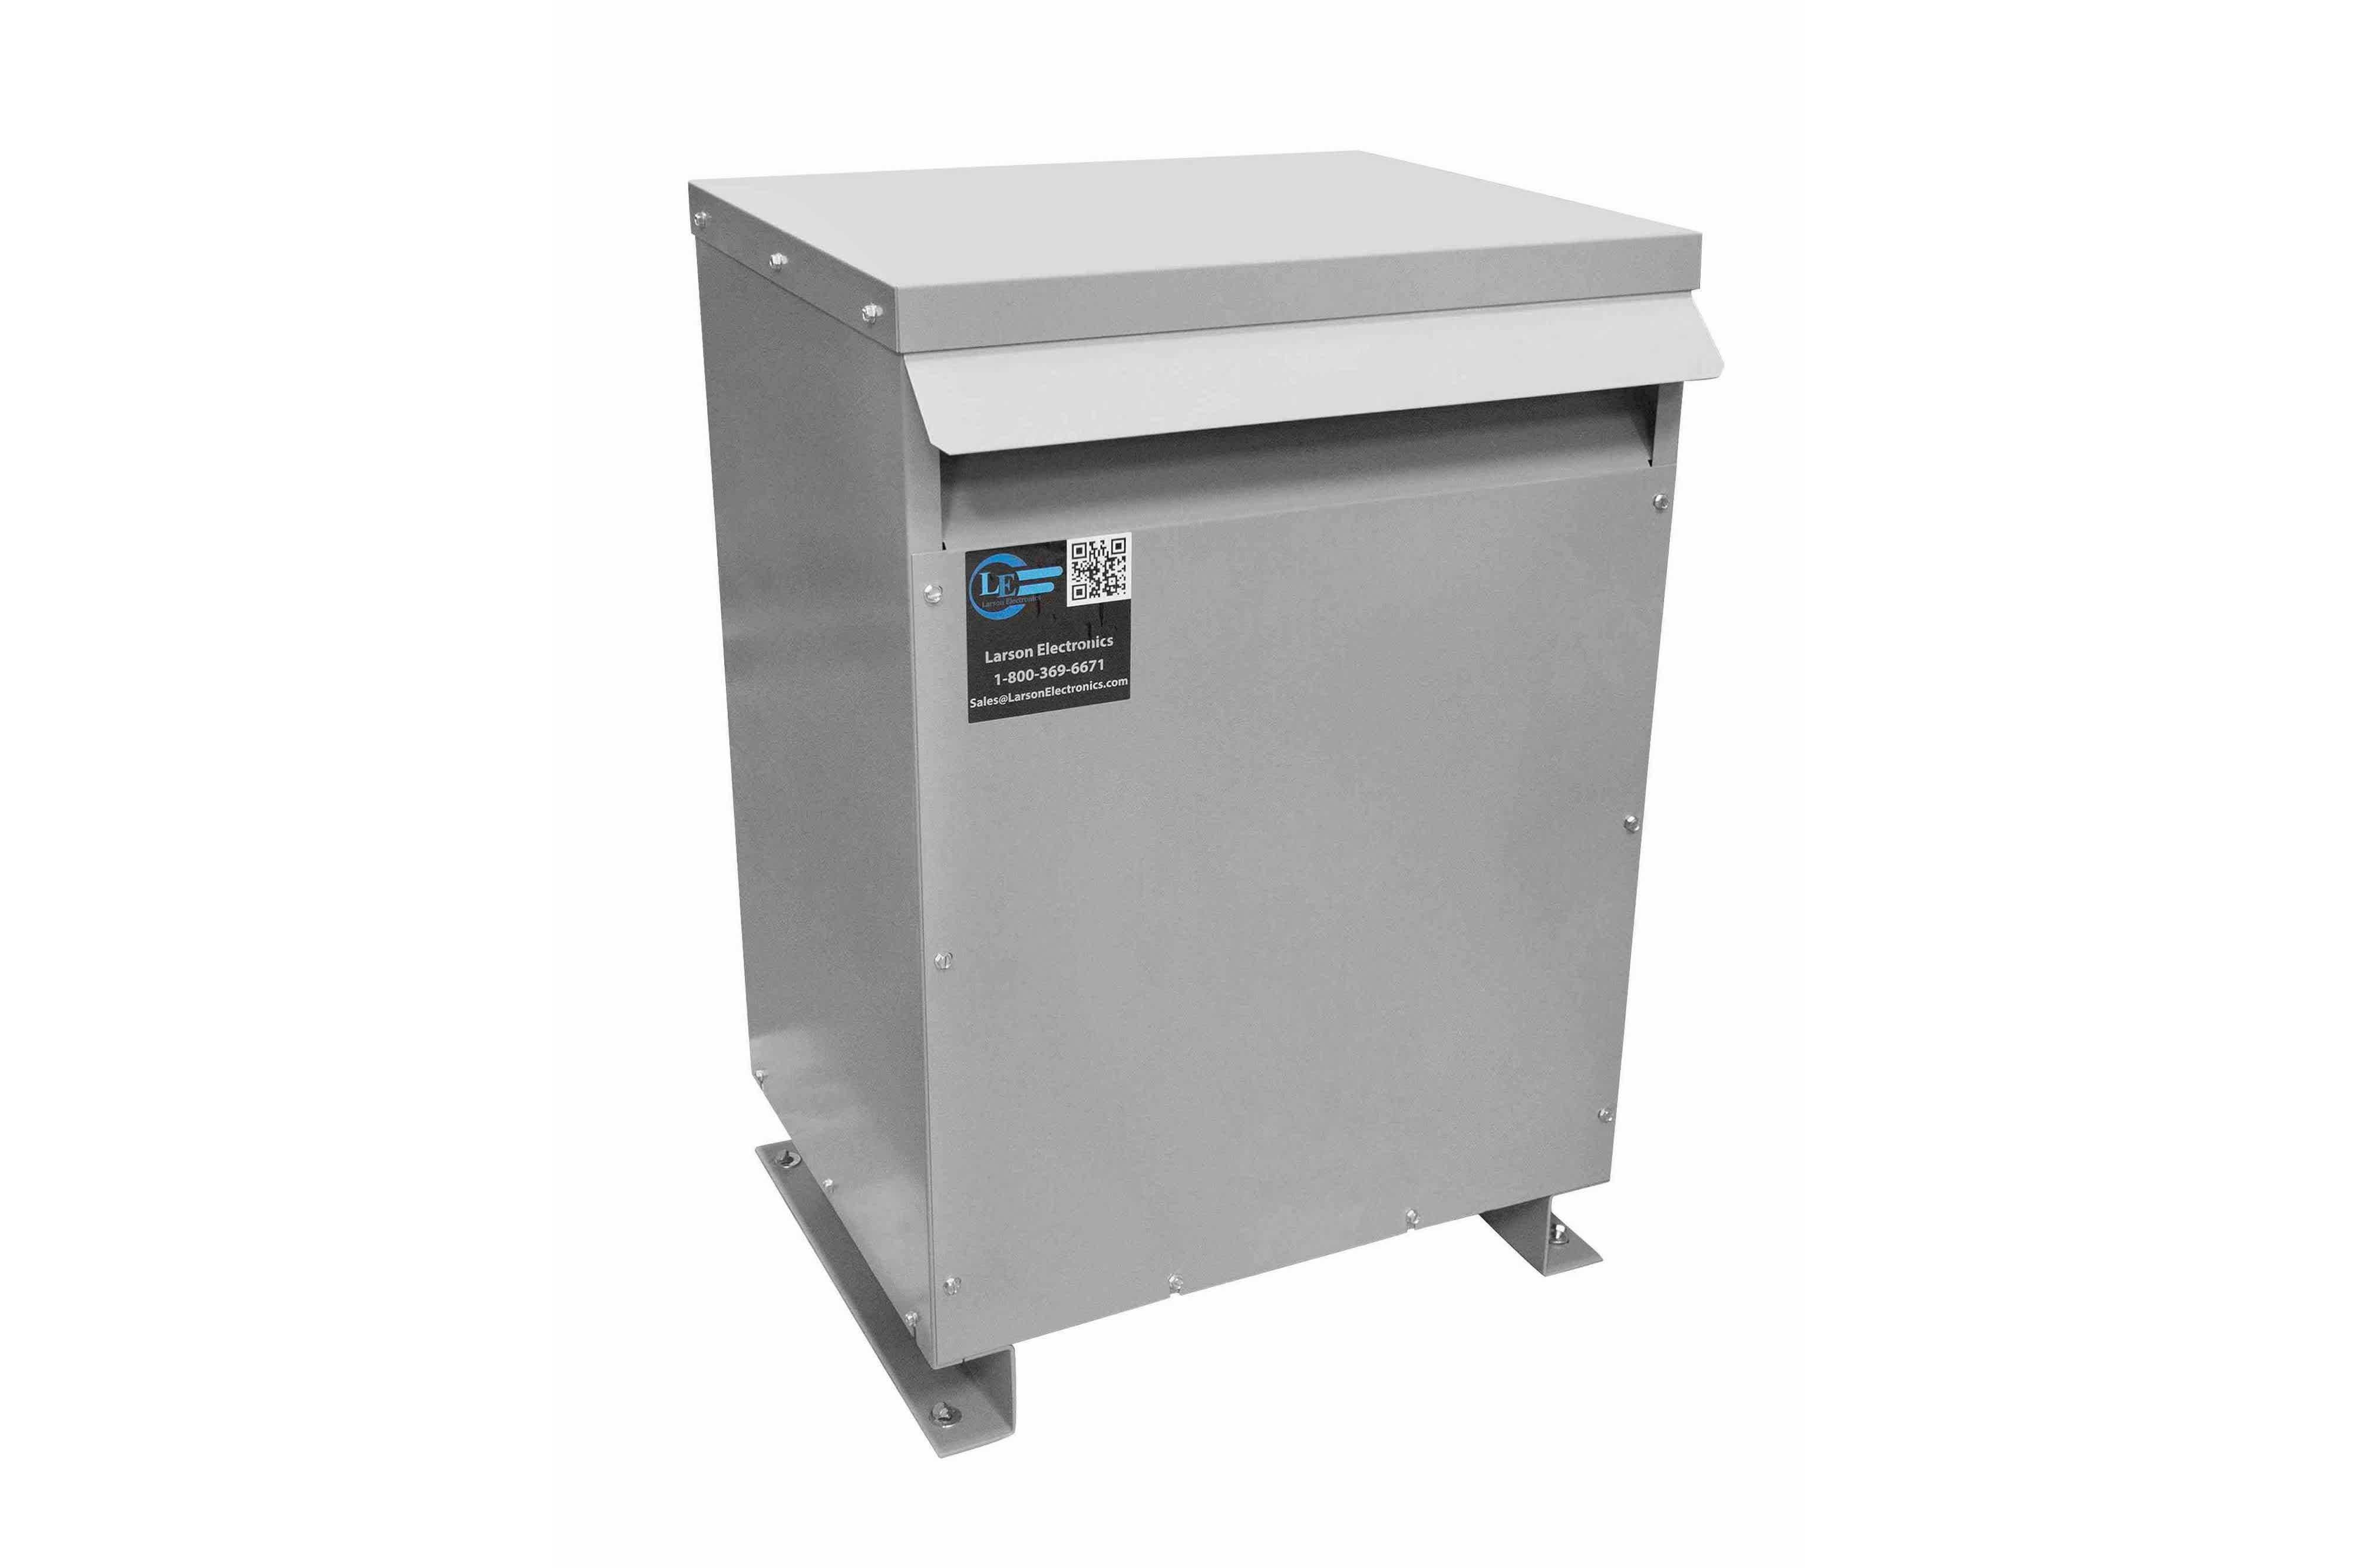 52.5 kVA 3PH Isolation Transformer, 440V Delta Primary, 208V Delta Secondary, N3R, Ventilated, 60 Hz